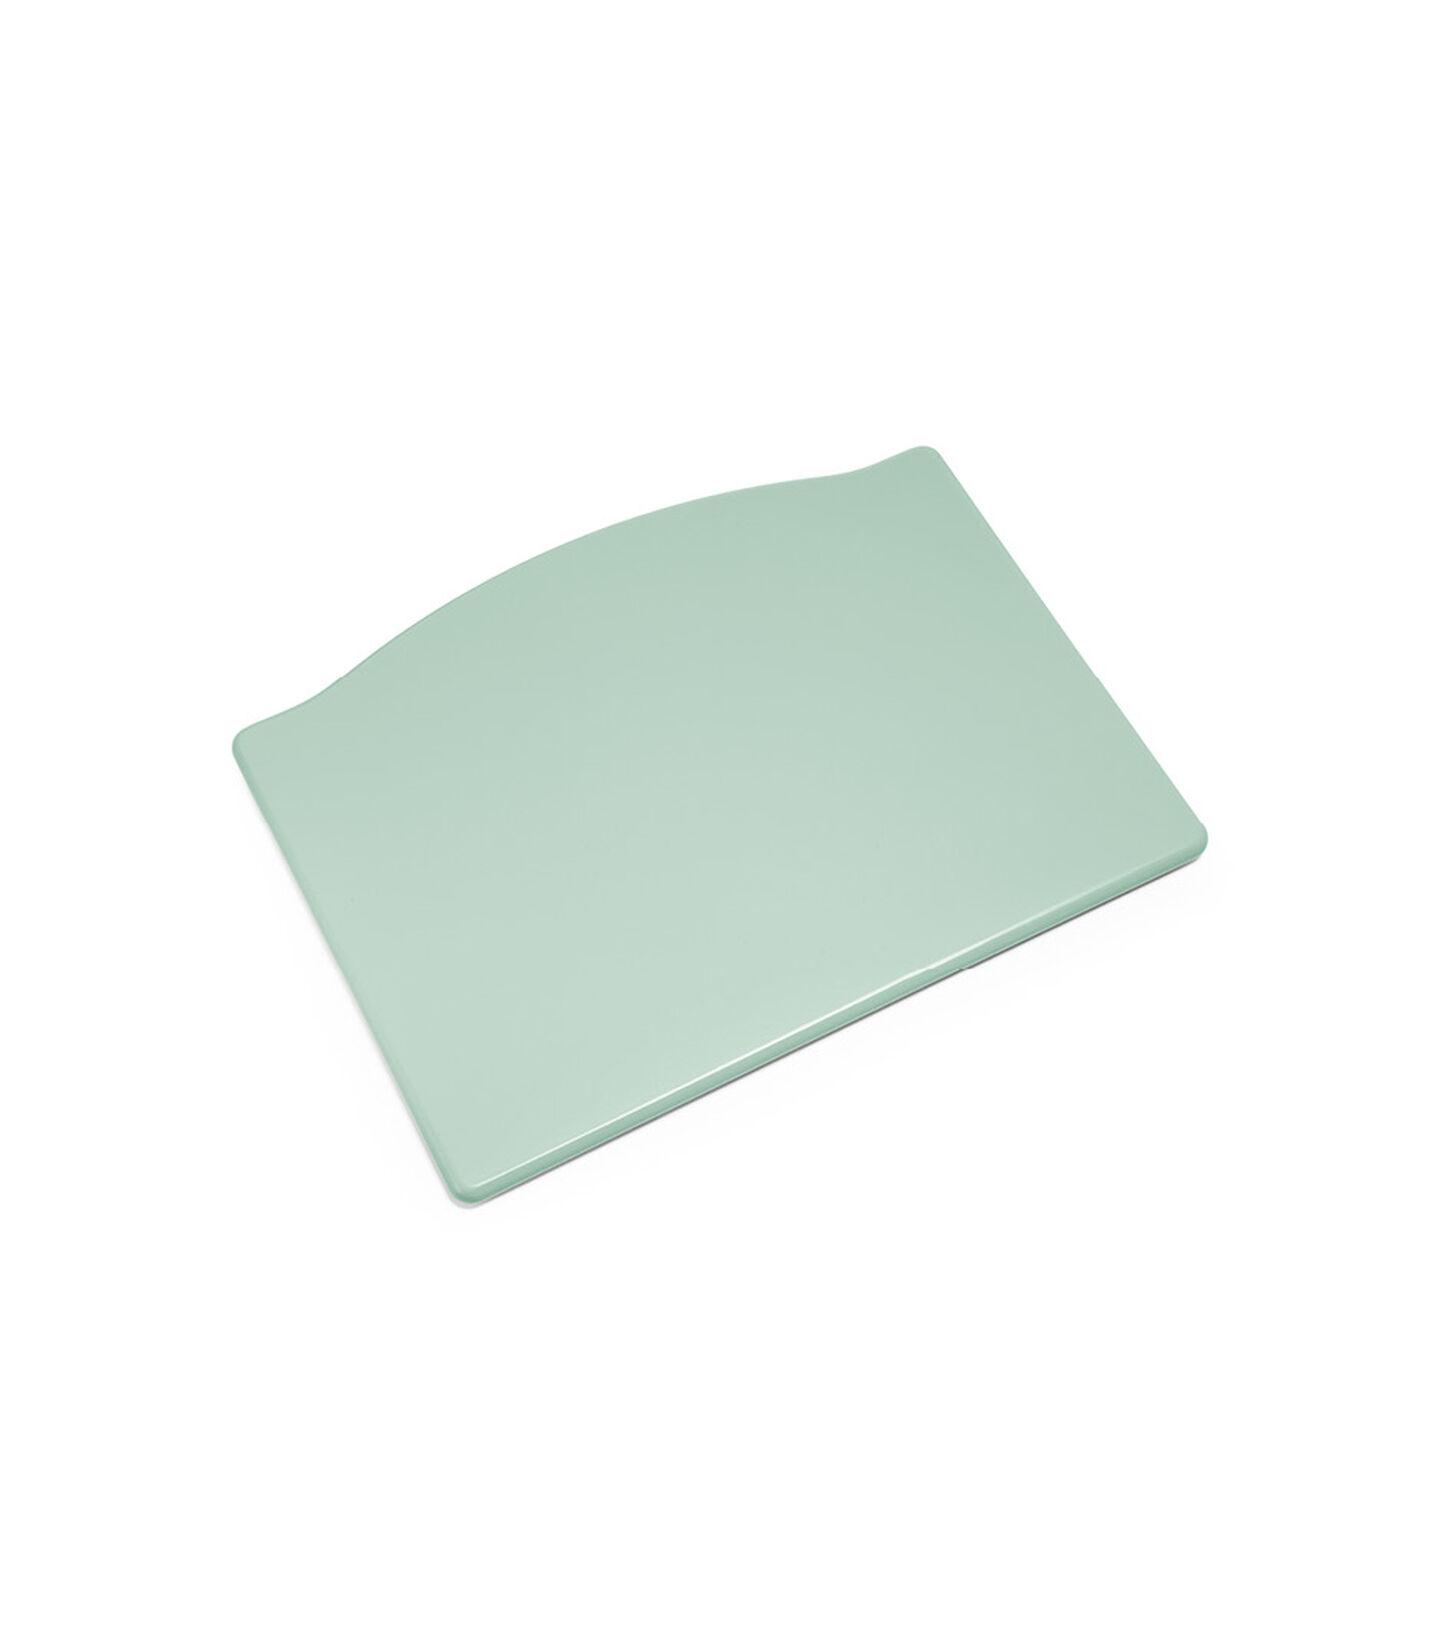 Tripp Trapp® Fußbrett Soft Mint, Soft Mint, mainview view 1